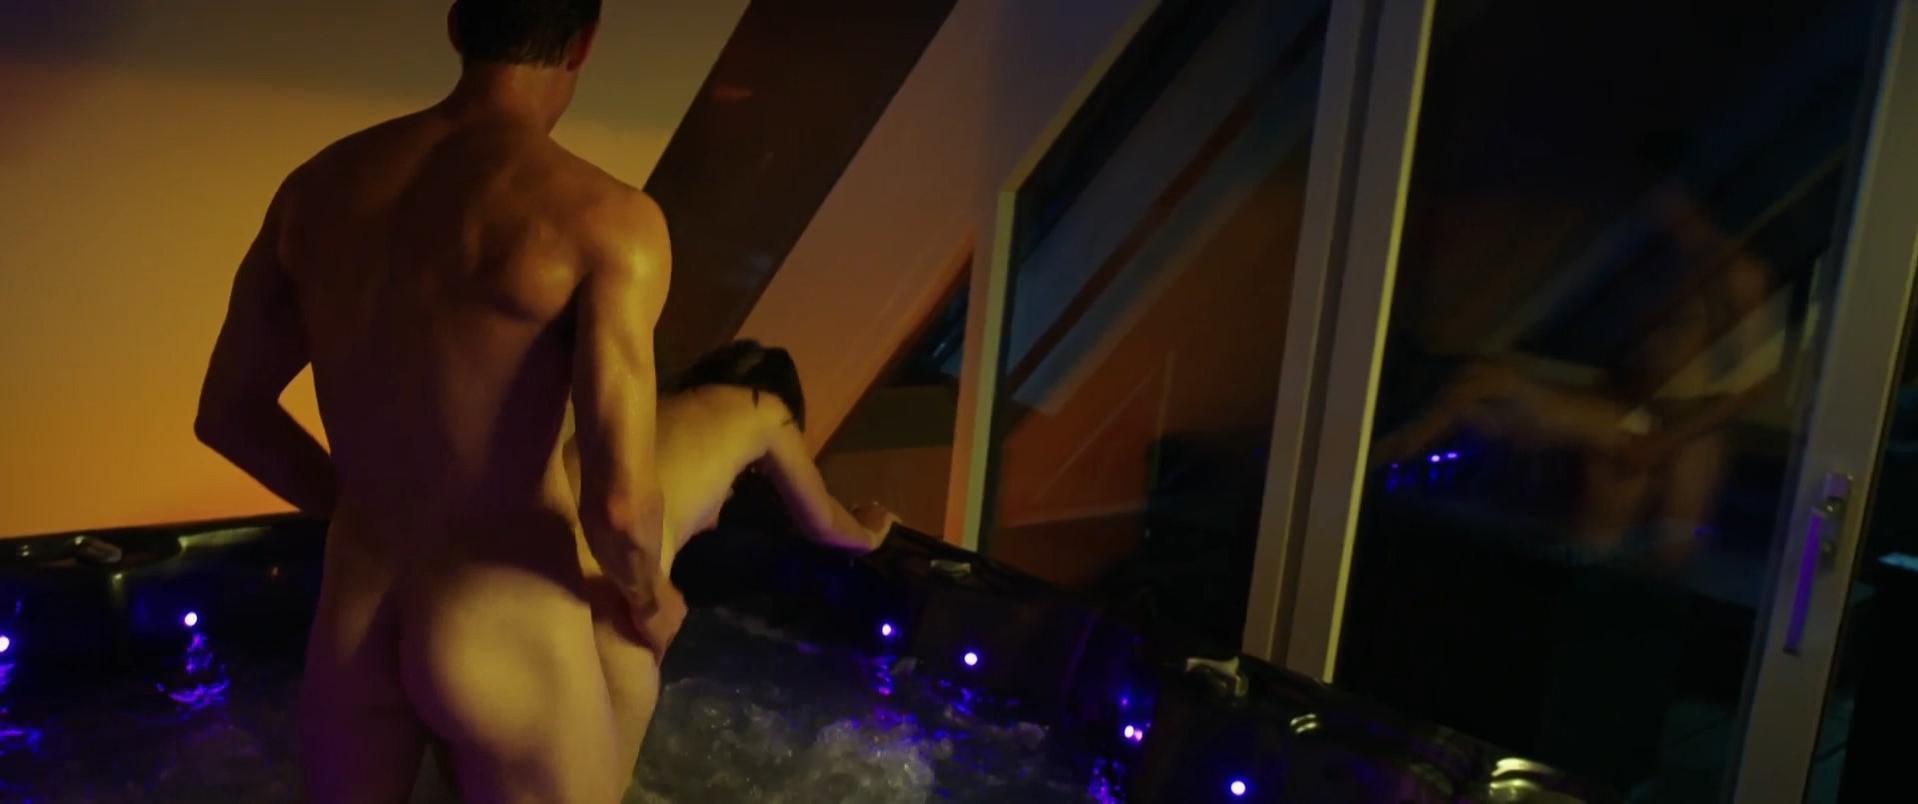 Holly Mae Brood nude, Carolien Spoor sexy, Marly van der Velden nude - Sneekweek (2016)